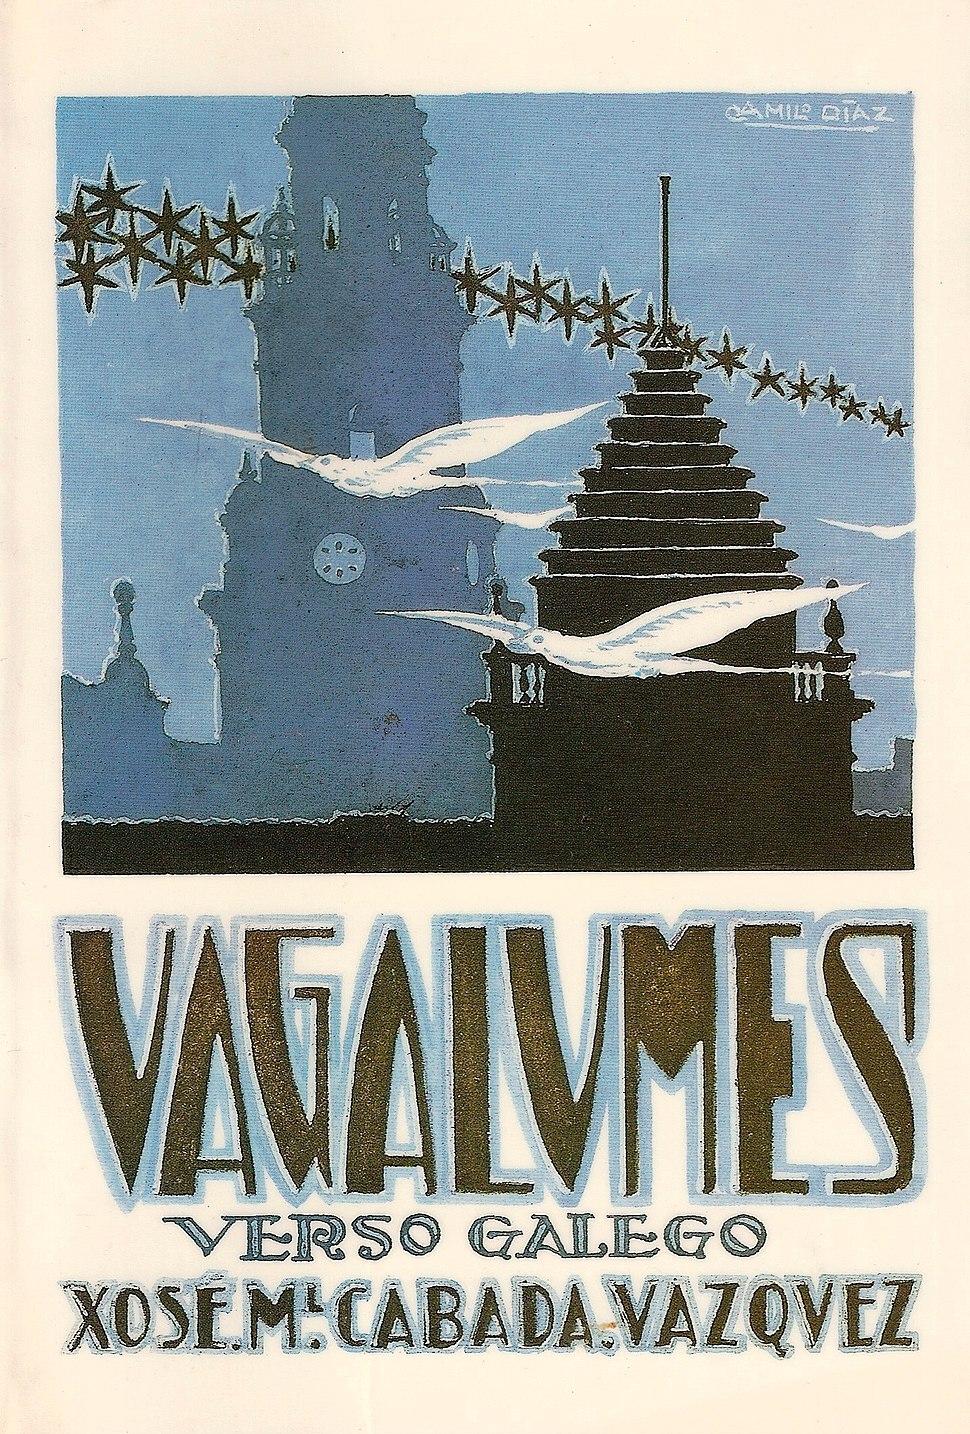 Vagalumes, verso galego. Xosé Manuel Cabada Vázquez. 1931